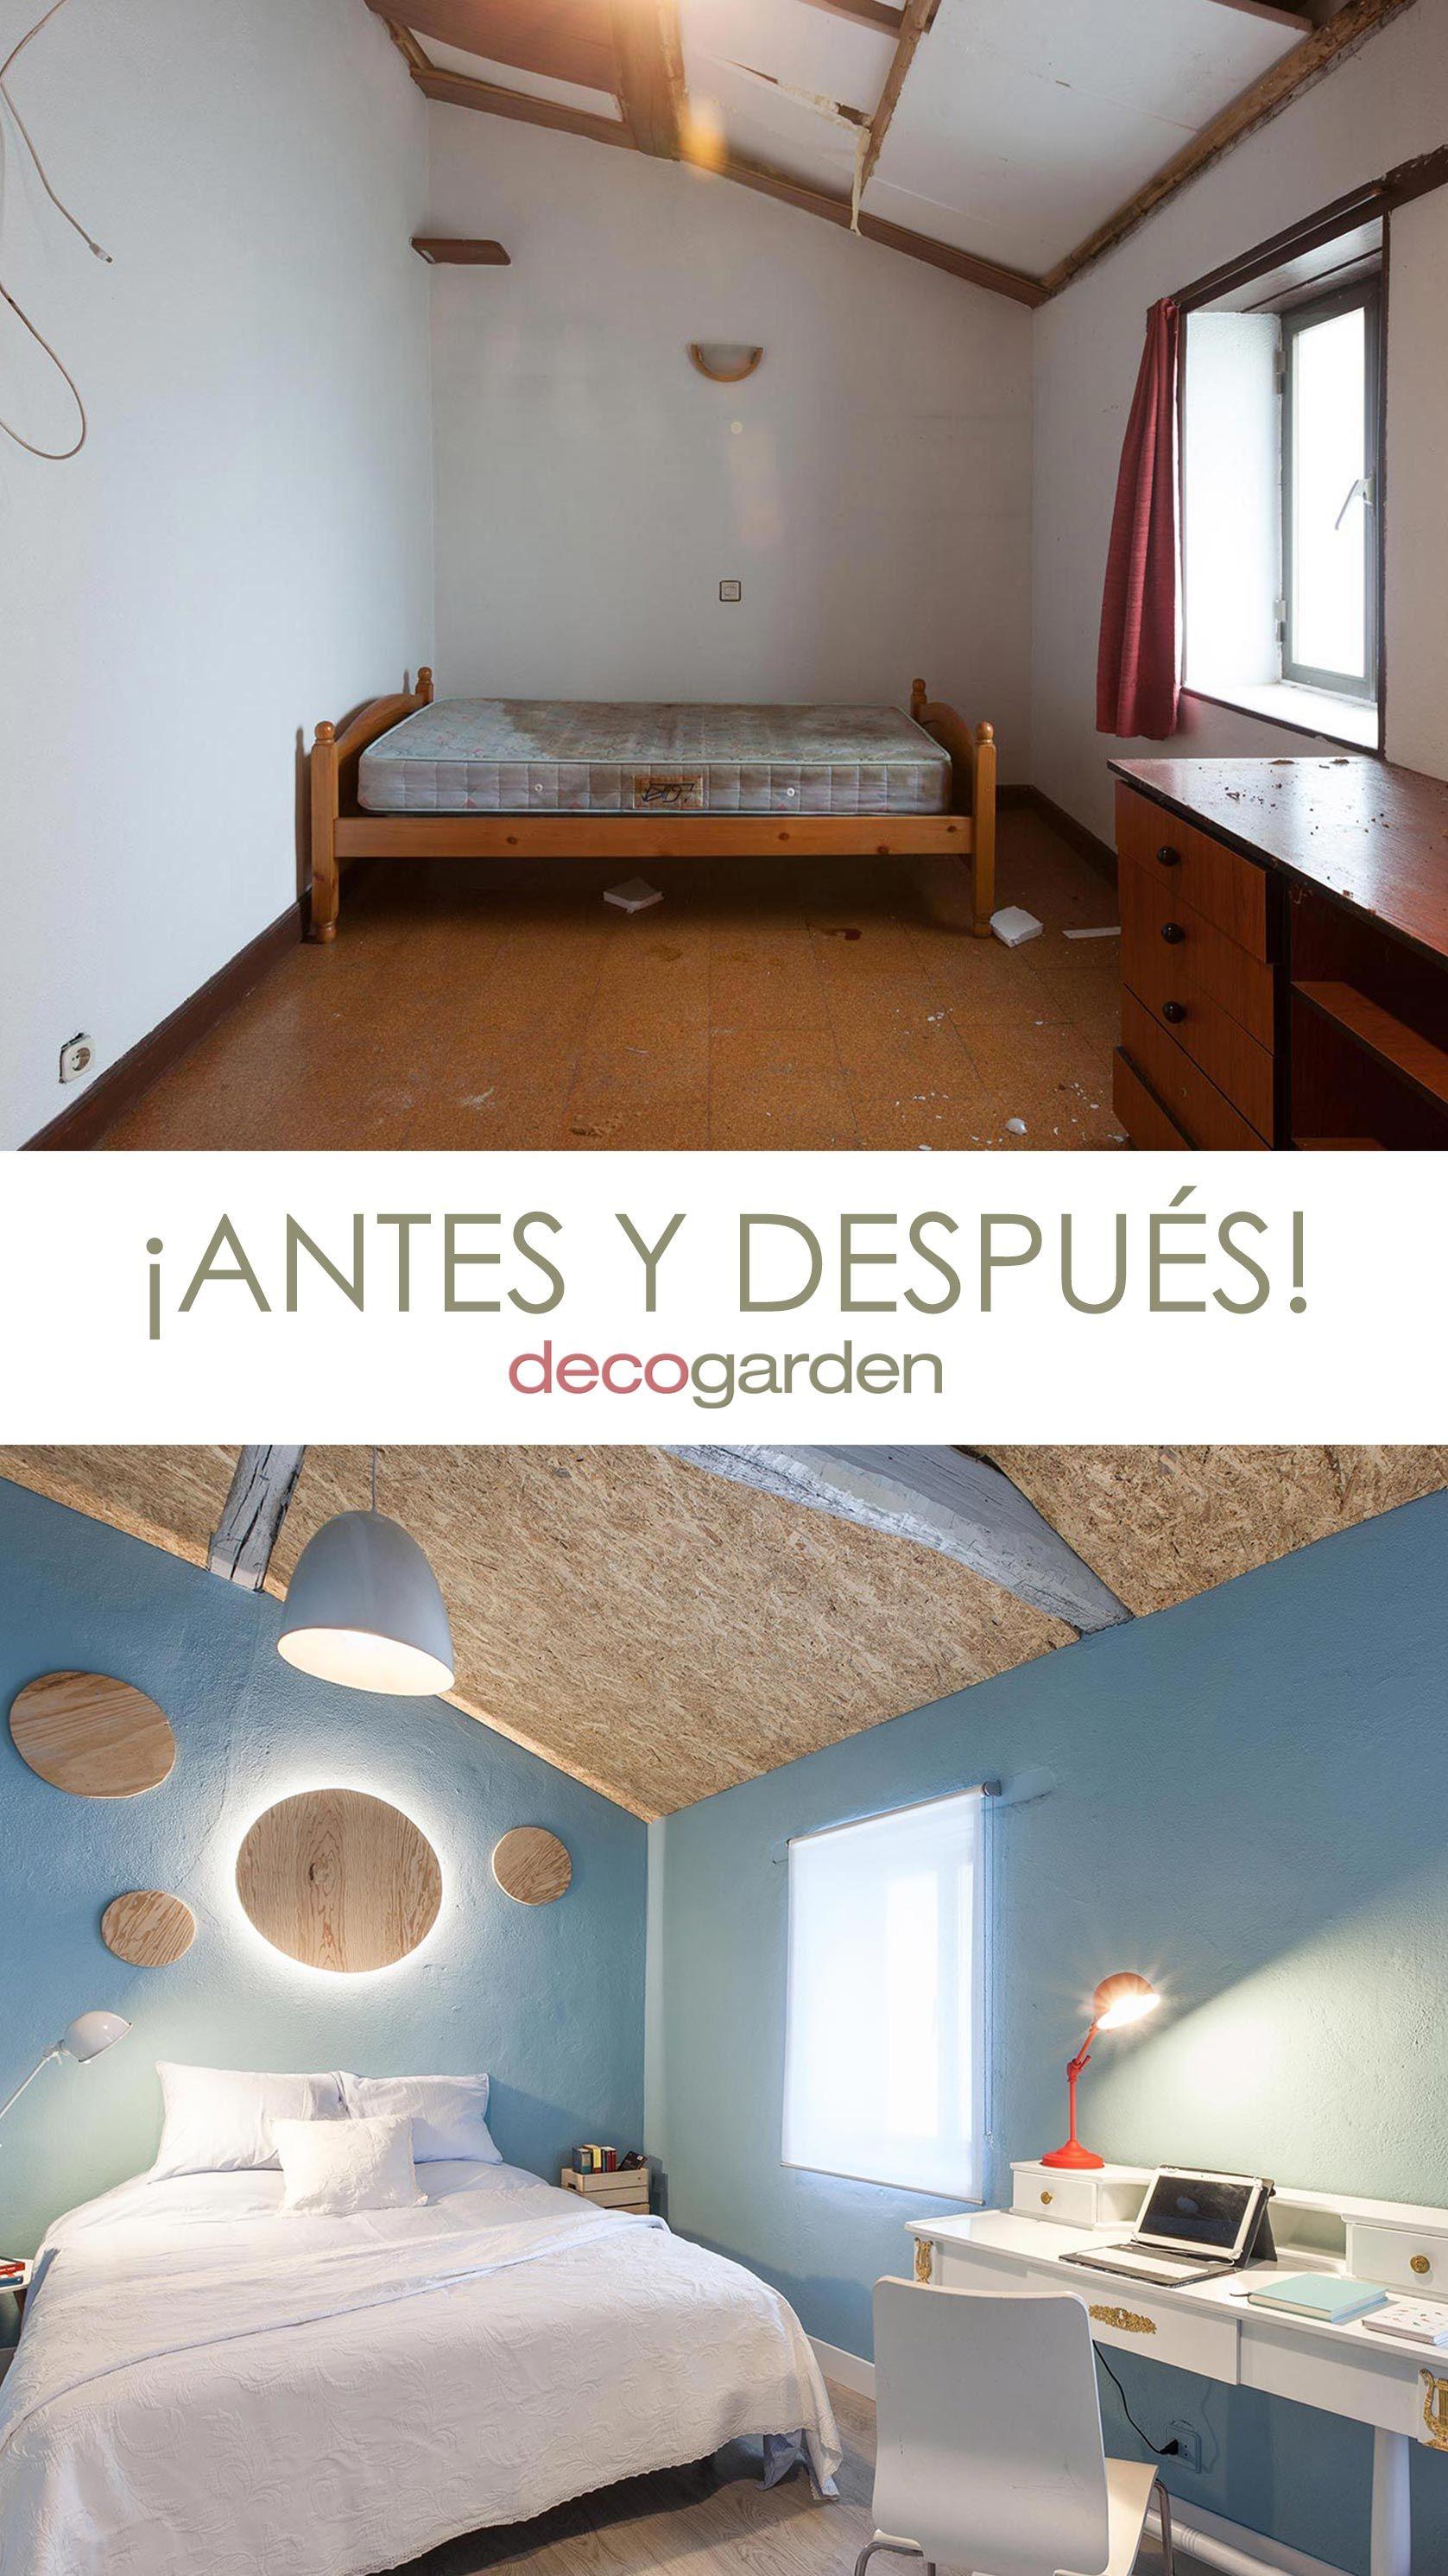 Dormitorio con detalles espaciales - antes y después